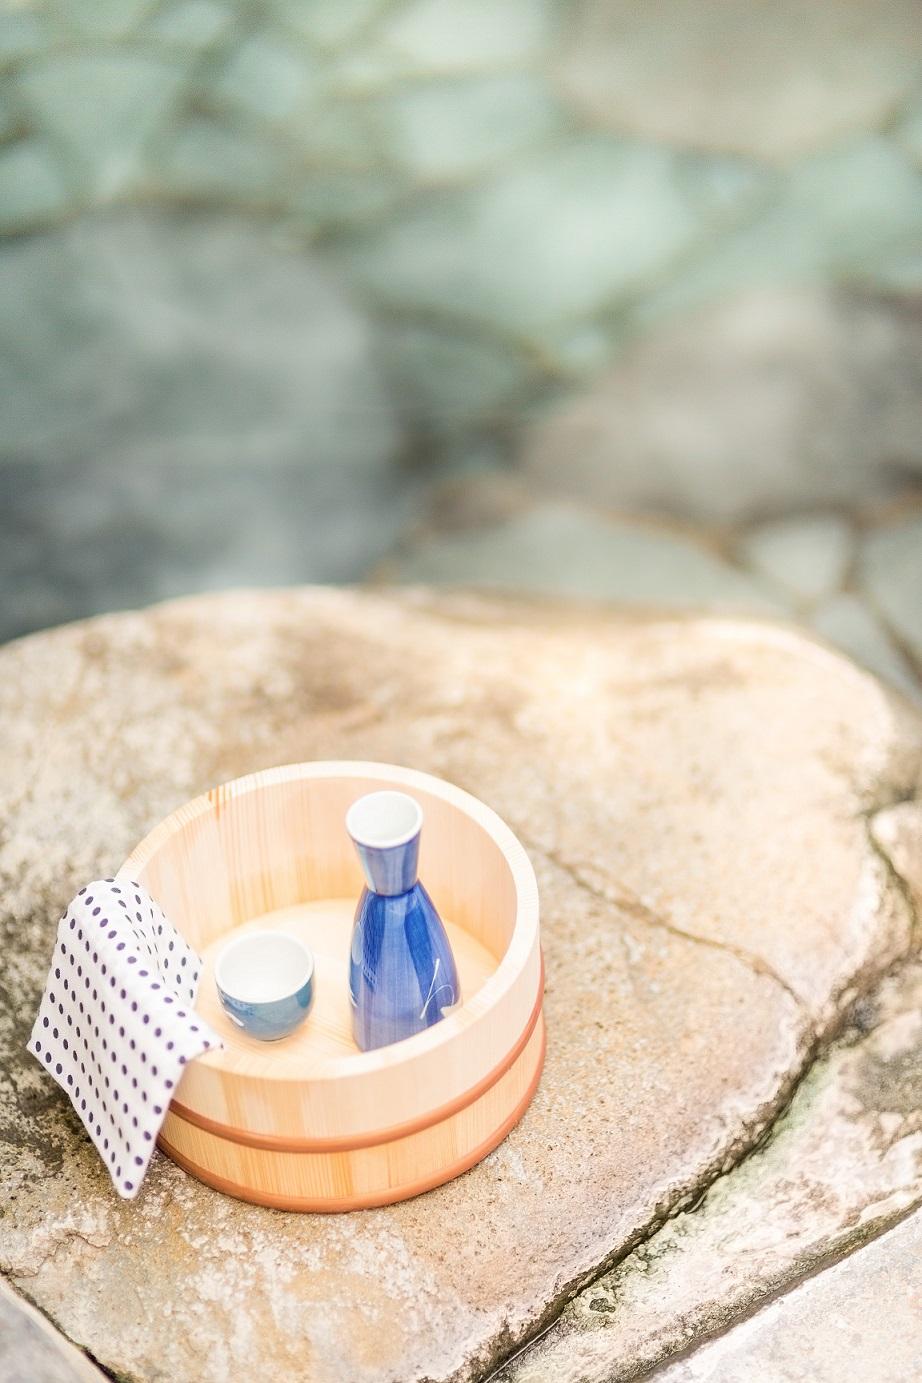 黒川温泉でのおすすめの過ごし方!観光スポットとランチや温泉に宿など紹介!